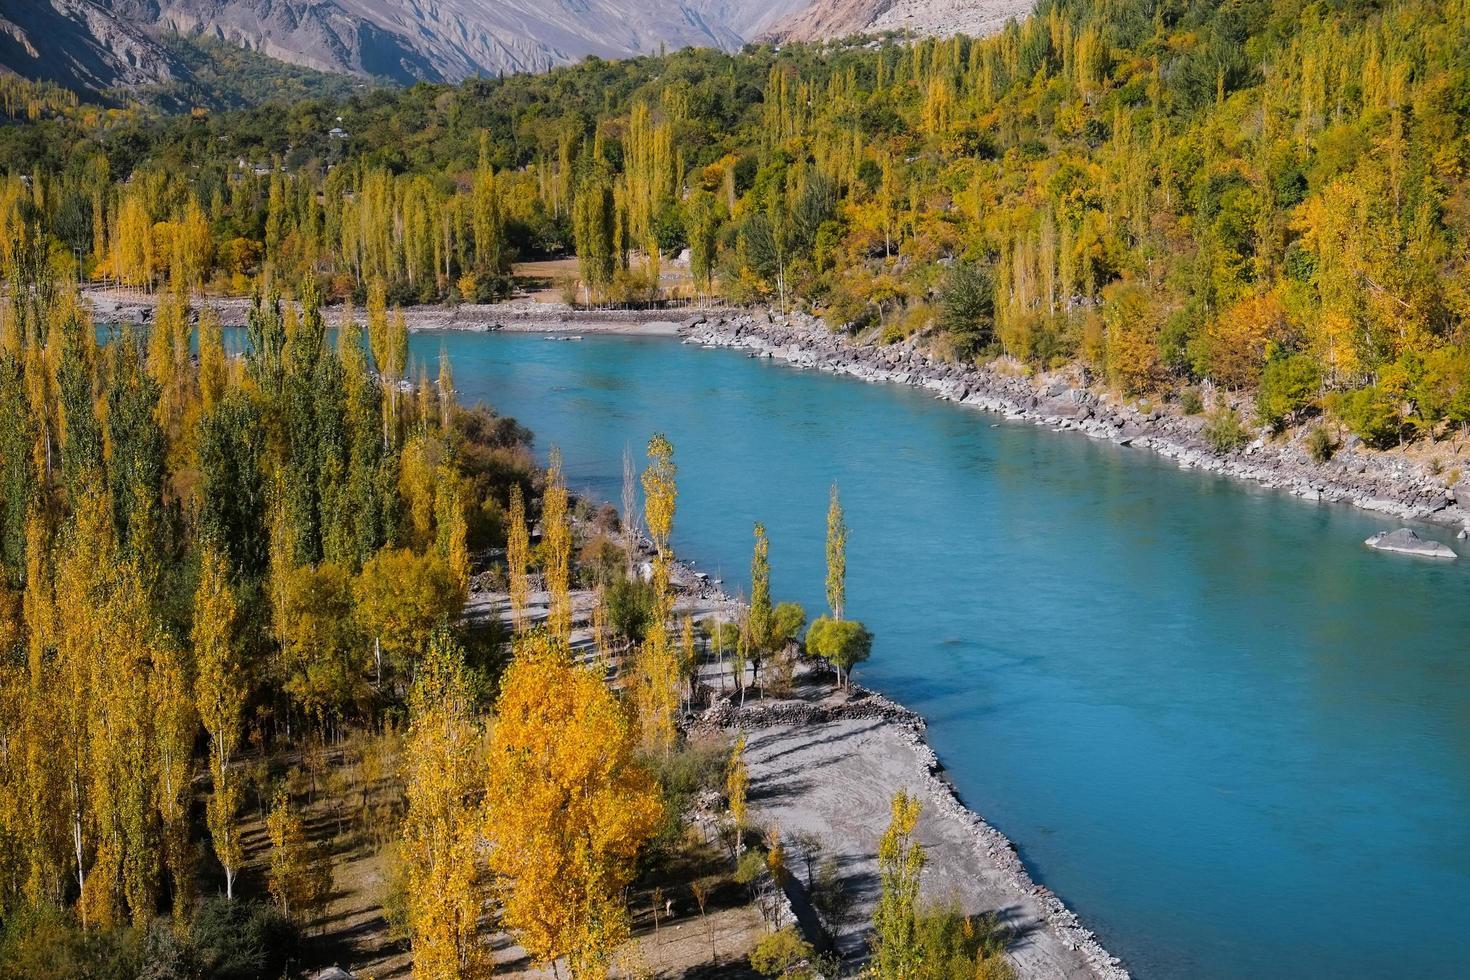 Ghizer rivier stroomt door bos in de herfst foto